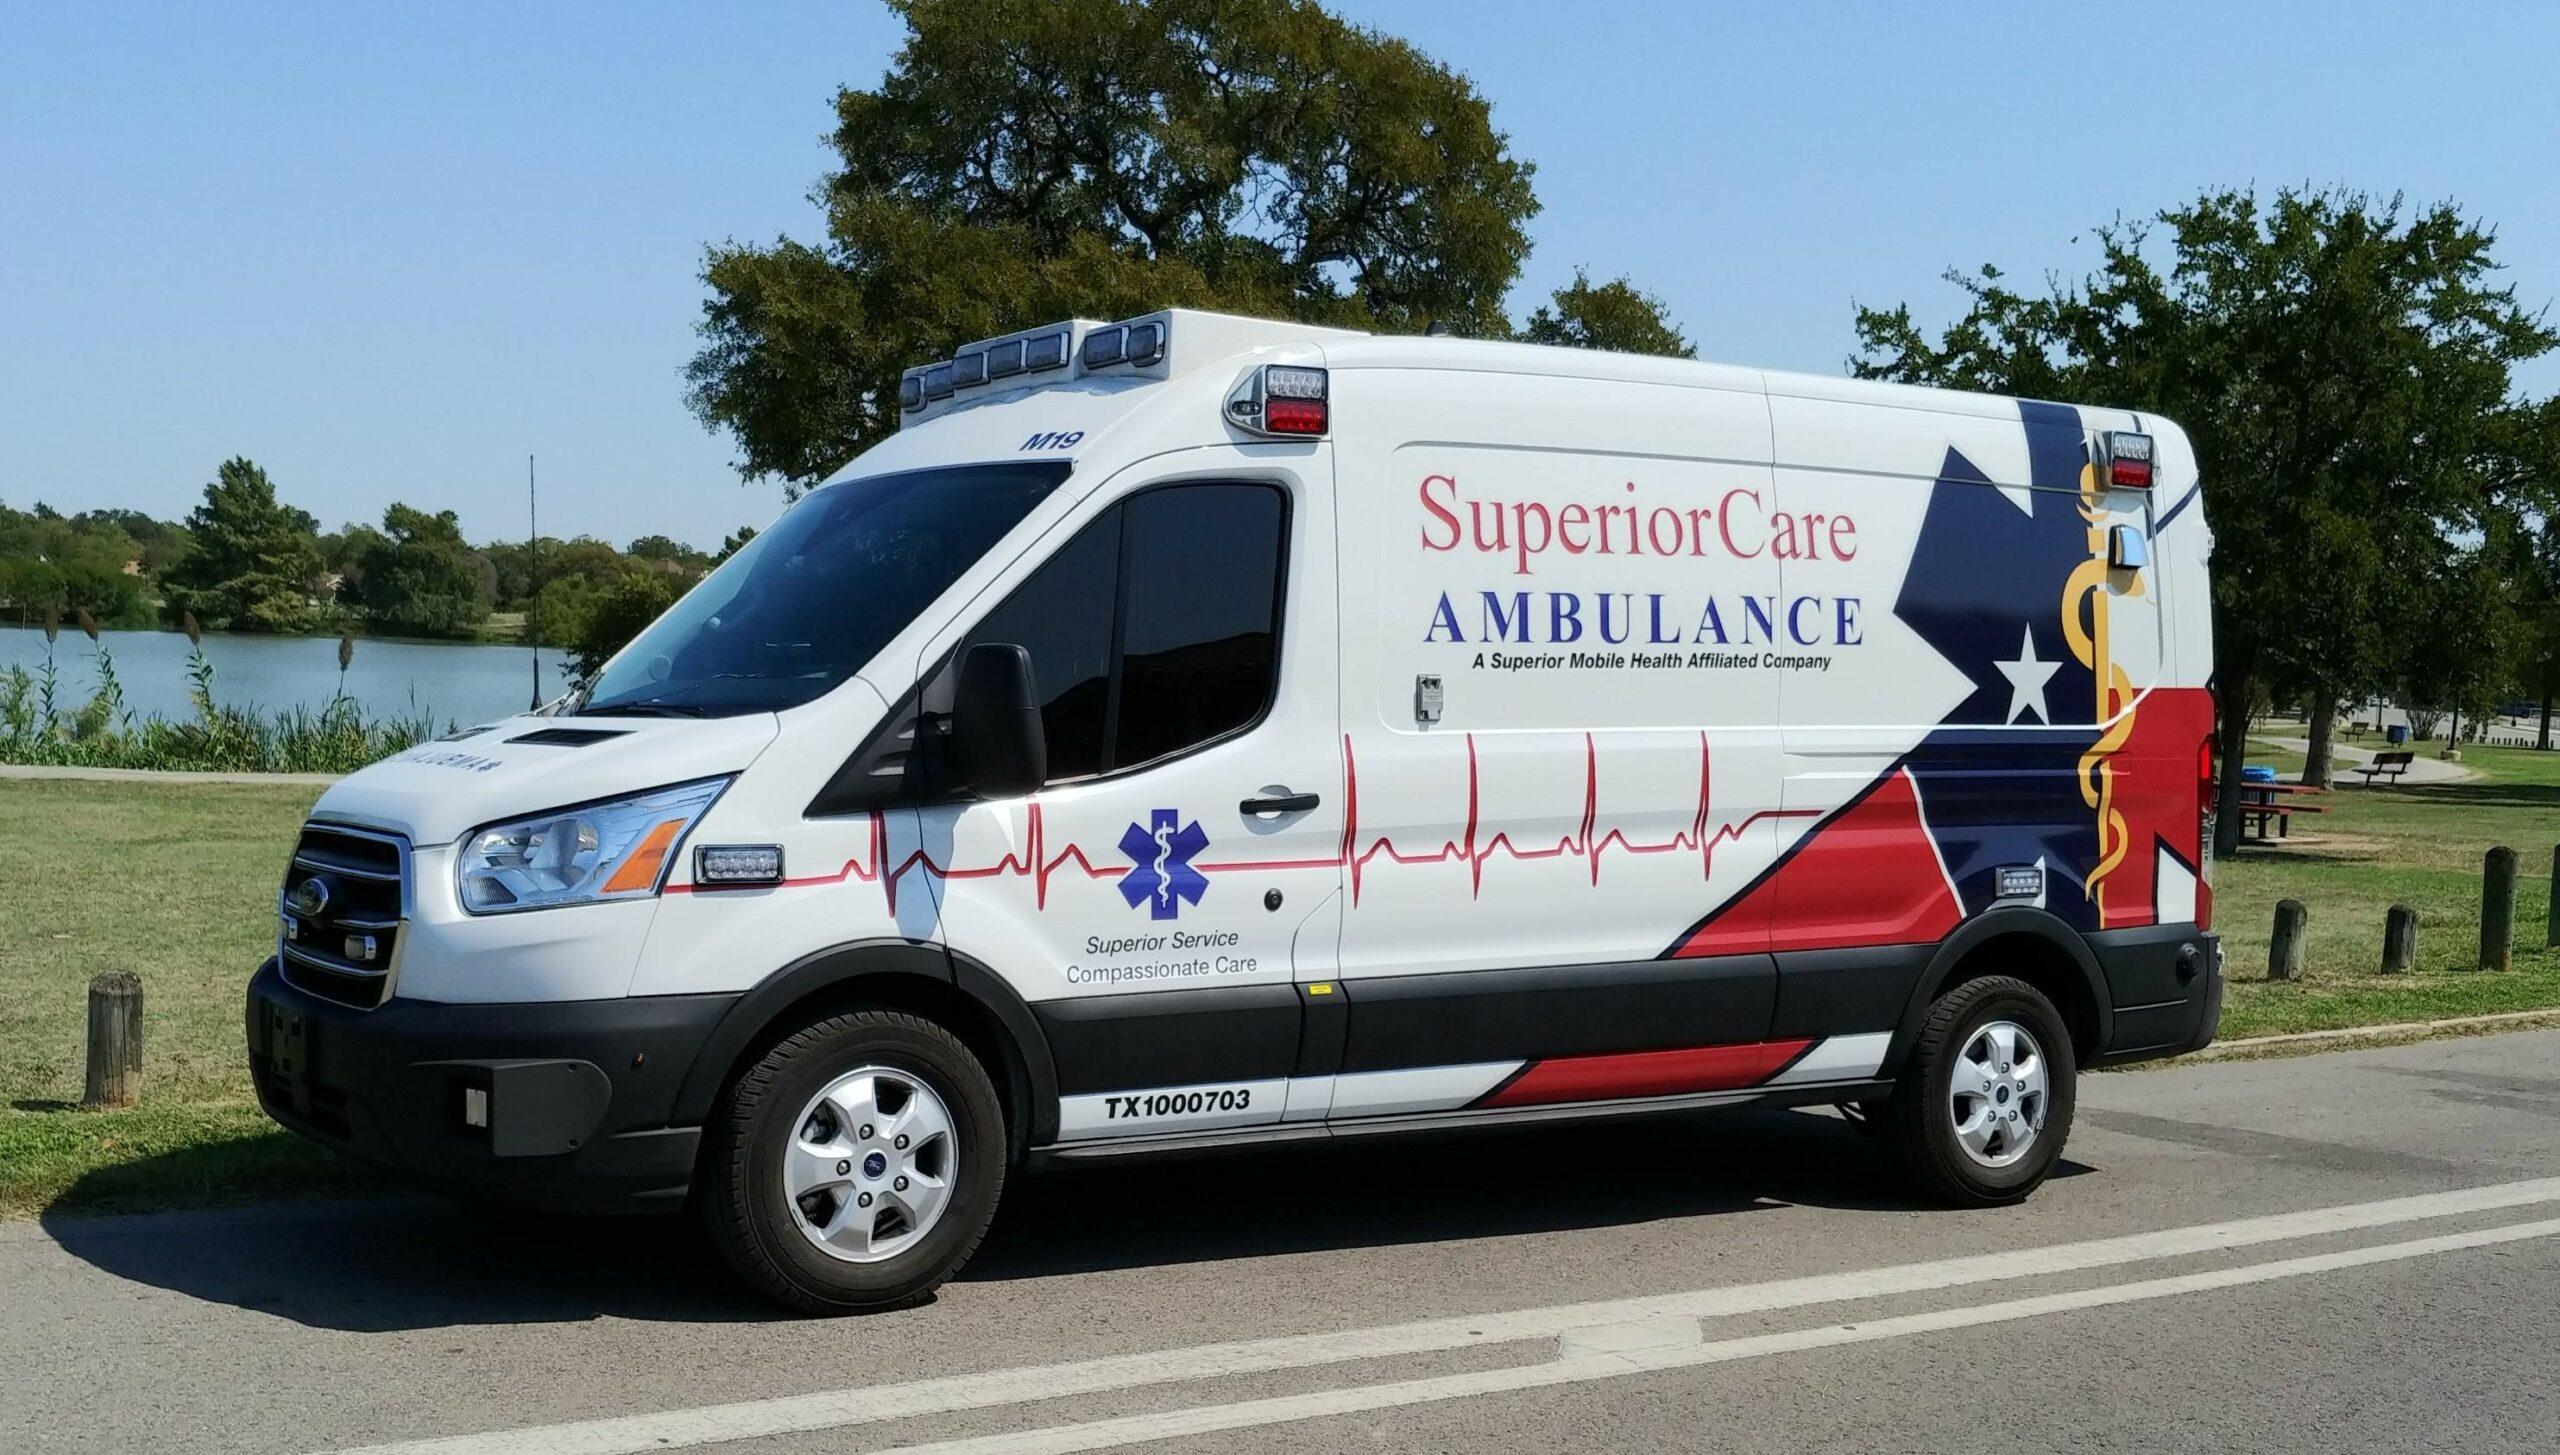 SuperiorCare Ambulance